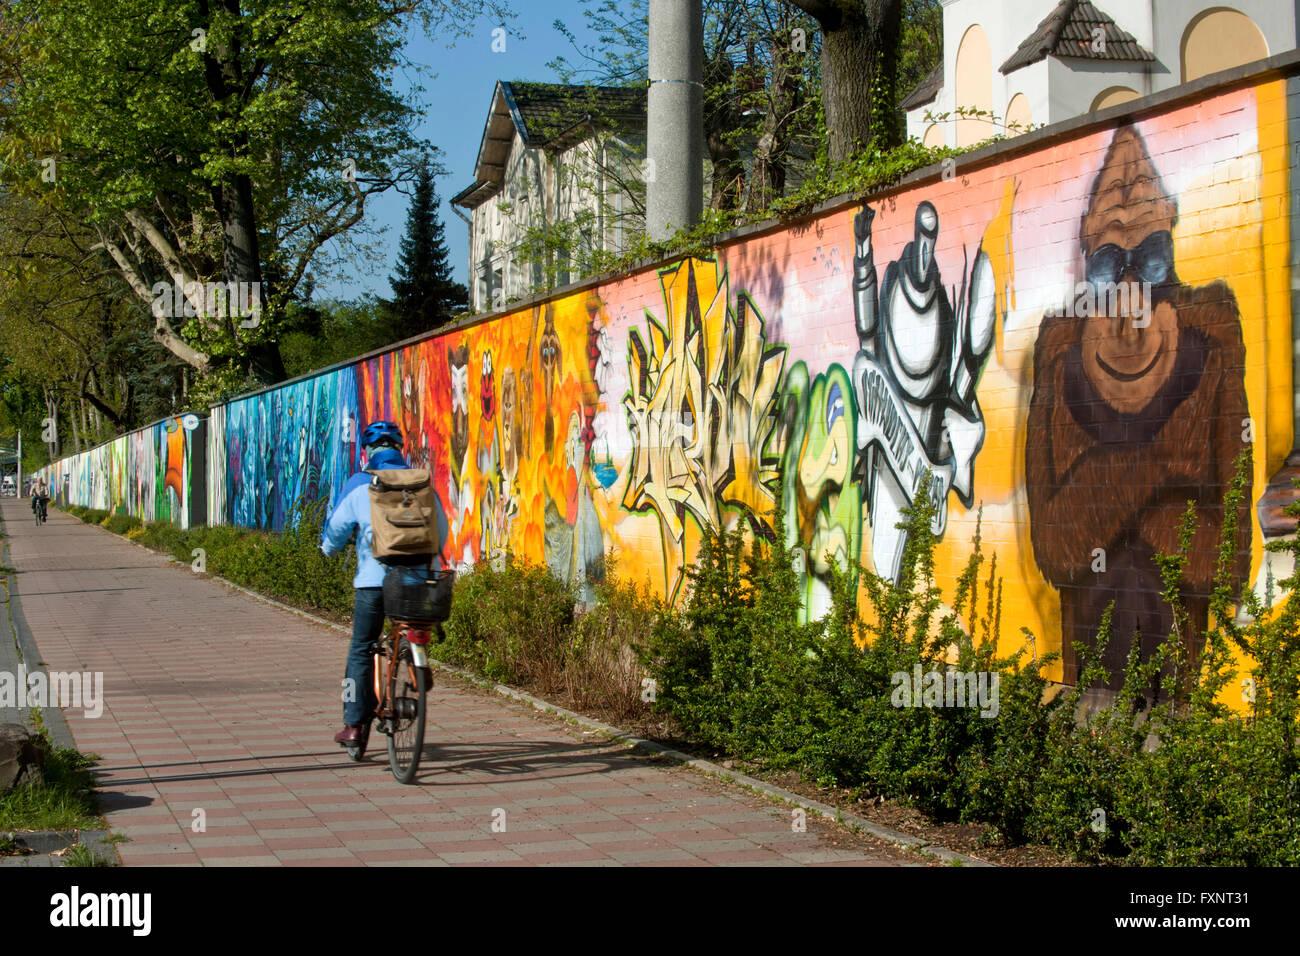 Deutschland, Köln, Riehl, Riehler Strasse, Zoo-ARTgerecht - gesprühte Kunst für den Kölner Zoo ein Wettbewerb im Abril 2011 vers Foto de stock